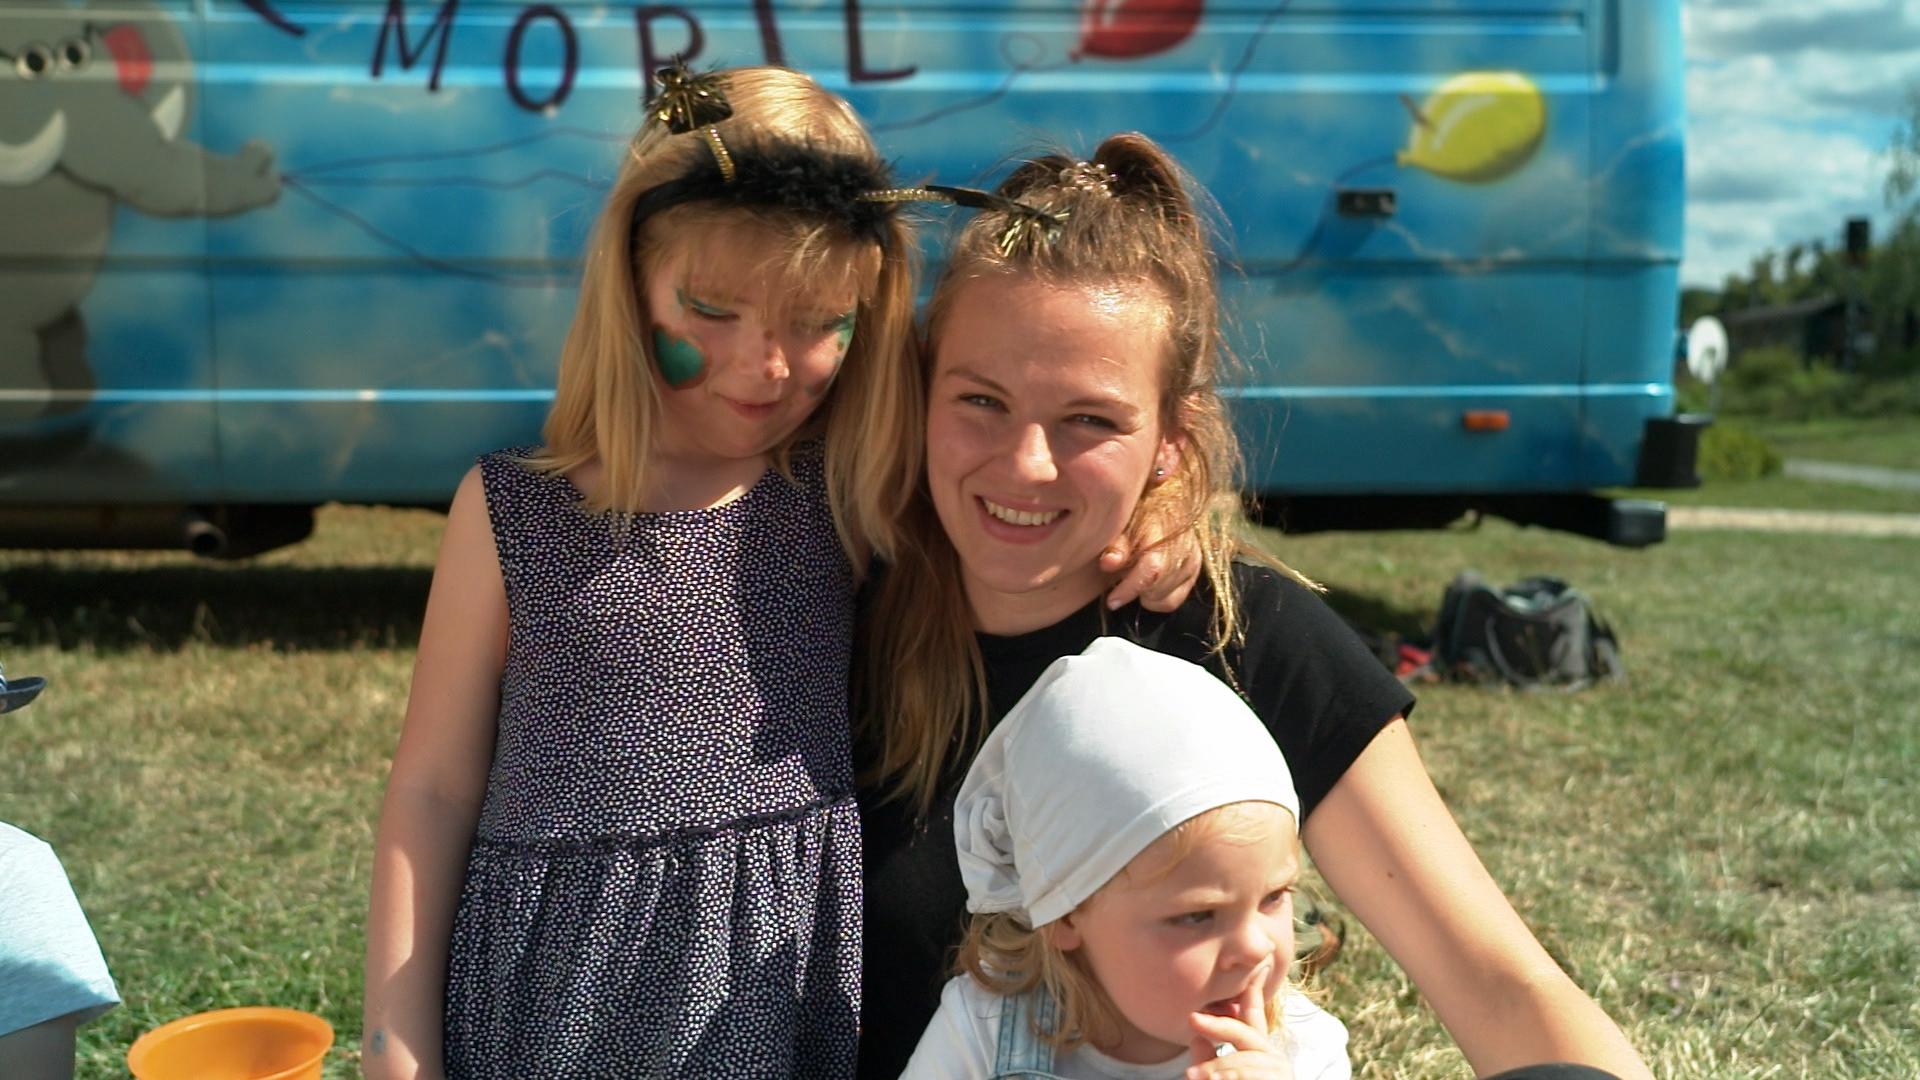 Der von der Deutschen Fernsehlotterie geförderte DKSB KV Sächsische Schweiz-Osterzgebirge e.V. will Familien stark machen und bietet hierfür sozialpädagogische Familienhilfe an. Bild: Deutsche Fernsehlotterie